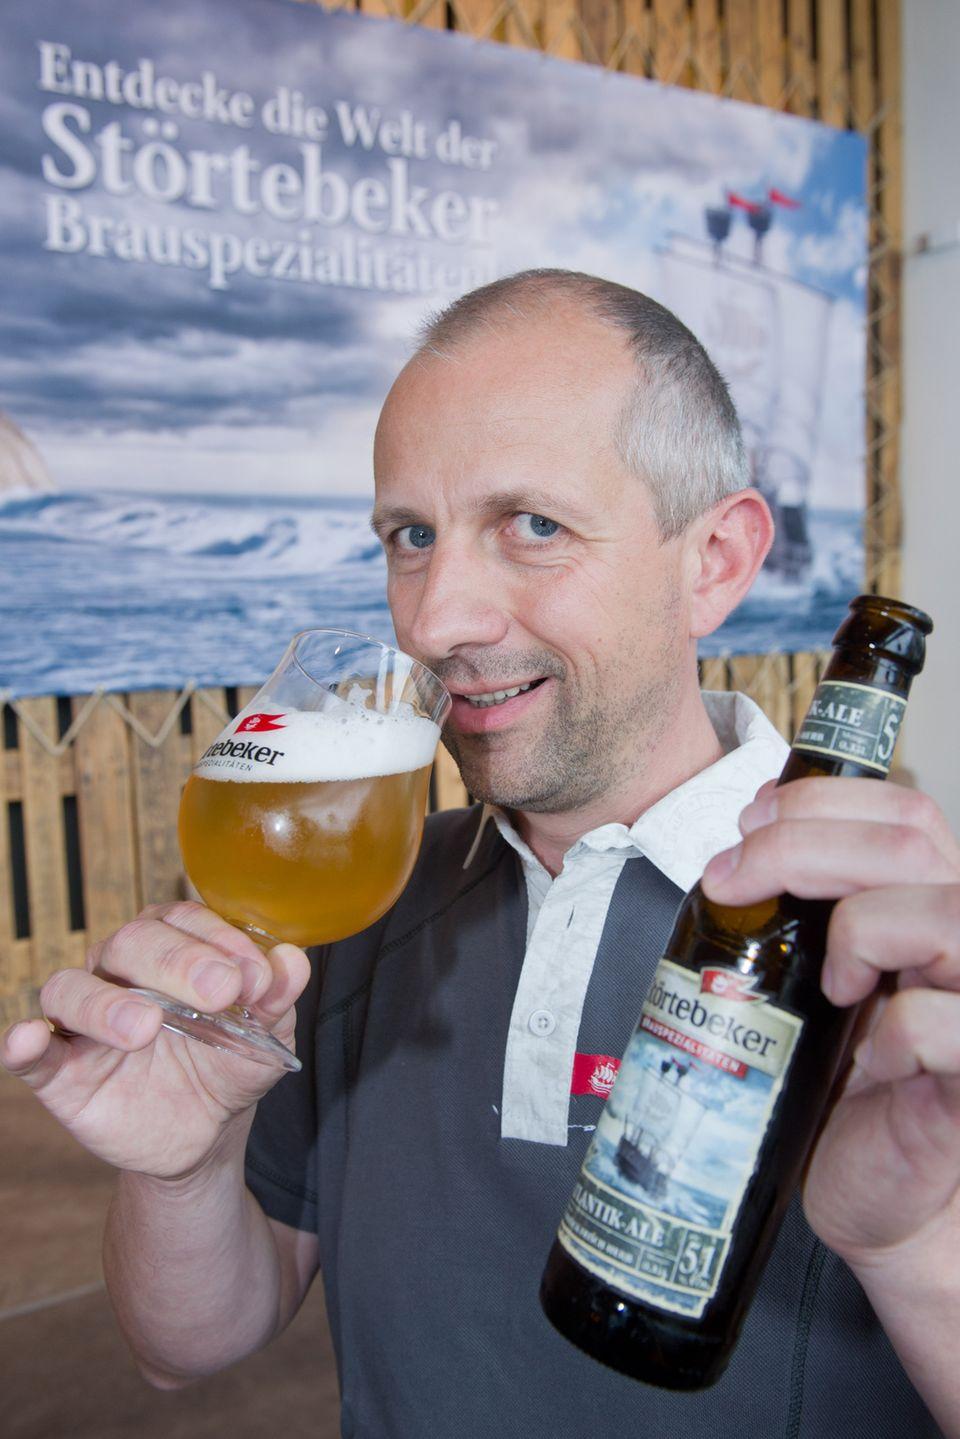 Bier gewinnt: Braumeister Frank Lucas von der Störtebeker-Brauerei landete bei der Wahl zum besten Biersommelier der Welt auf Platz zwei